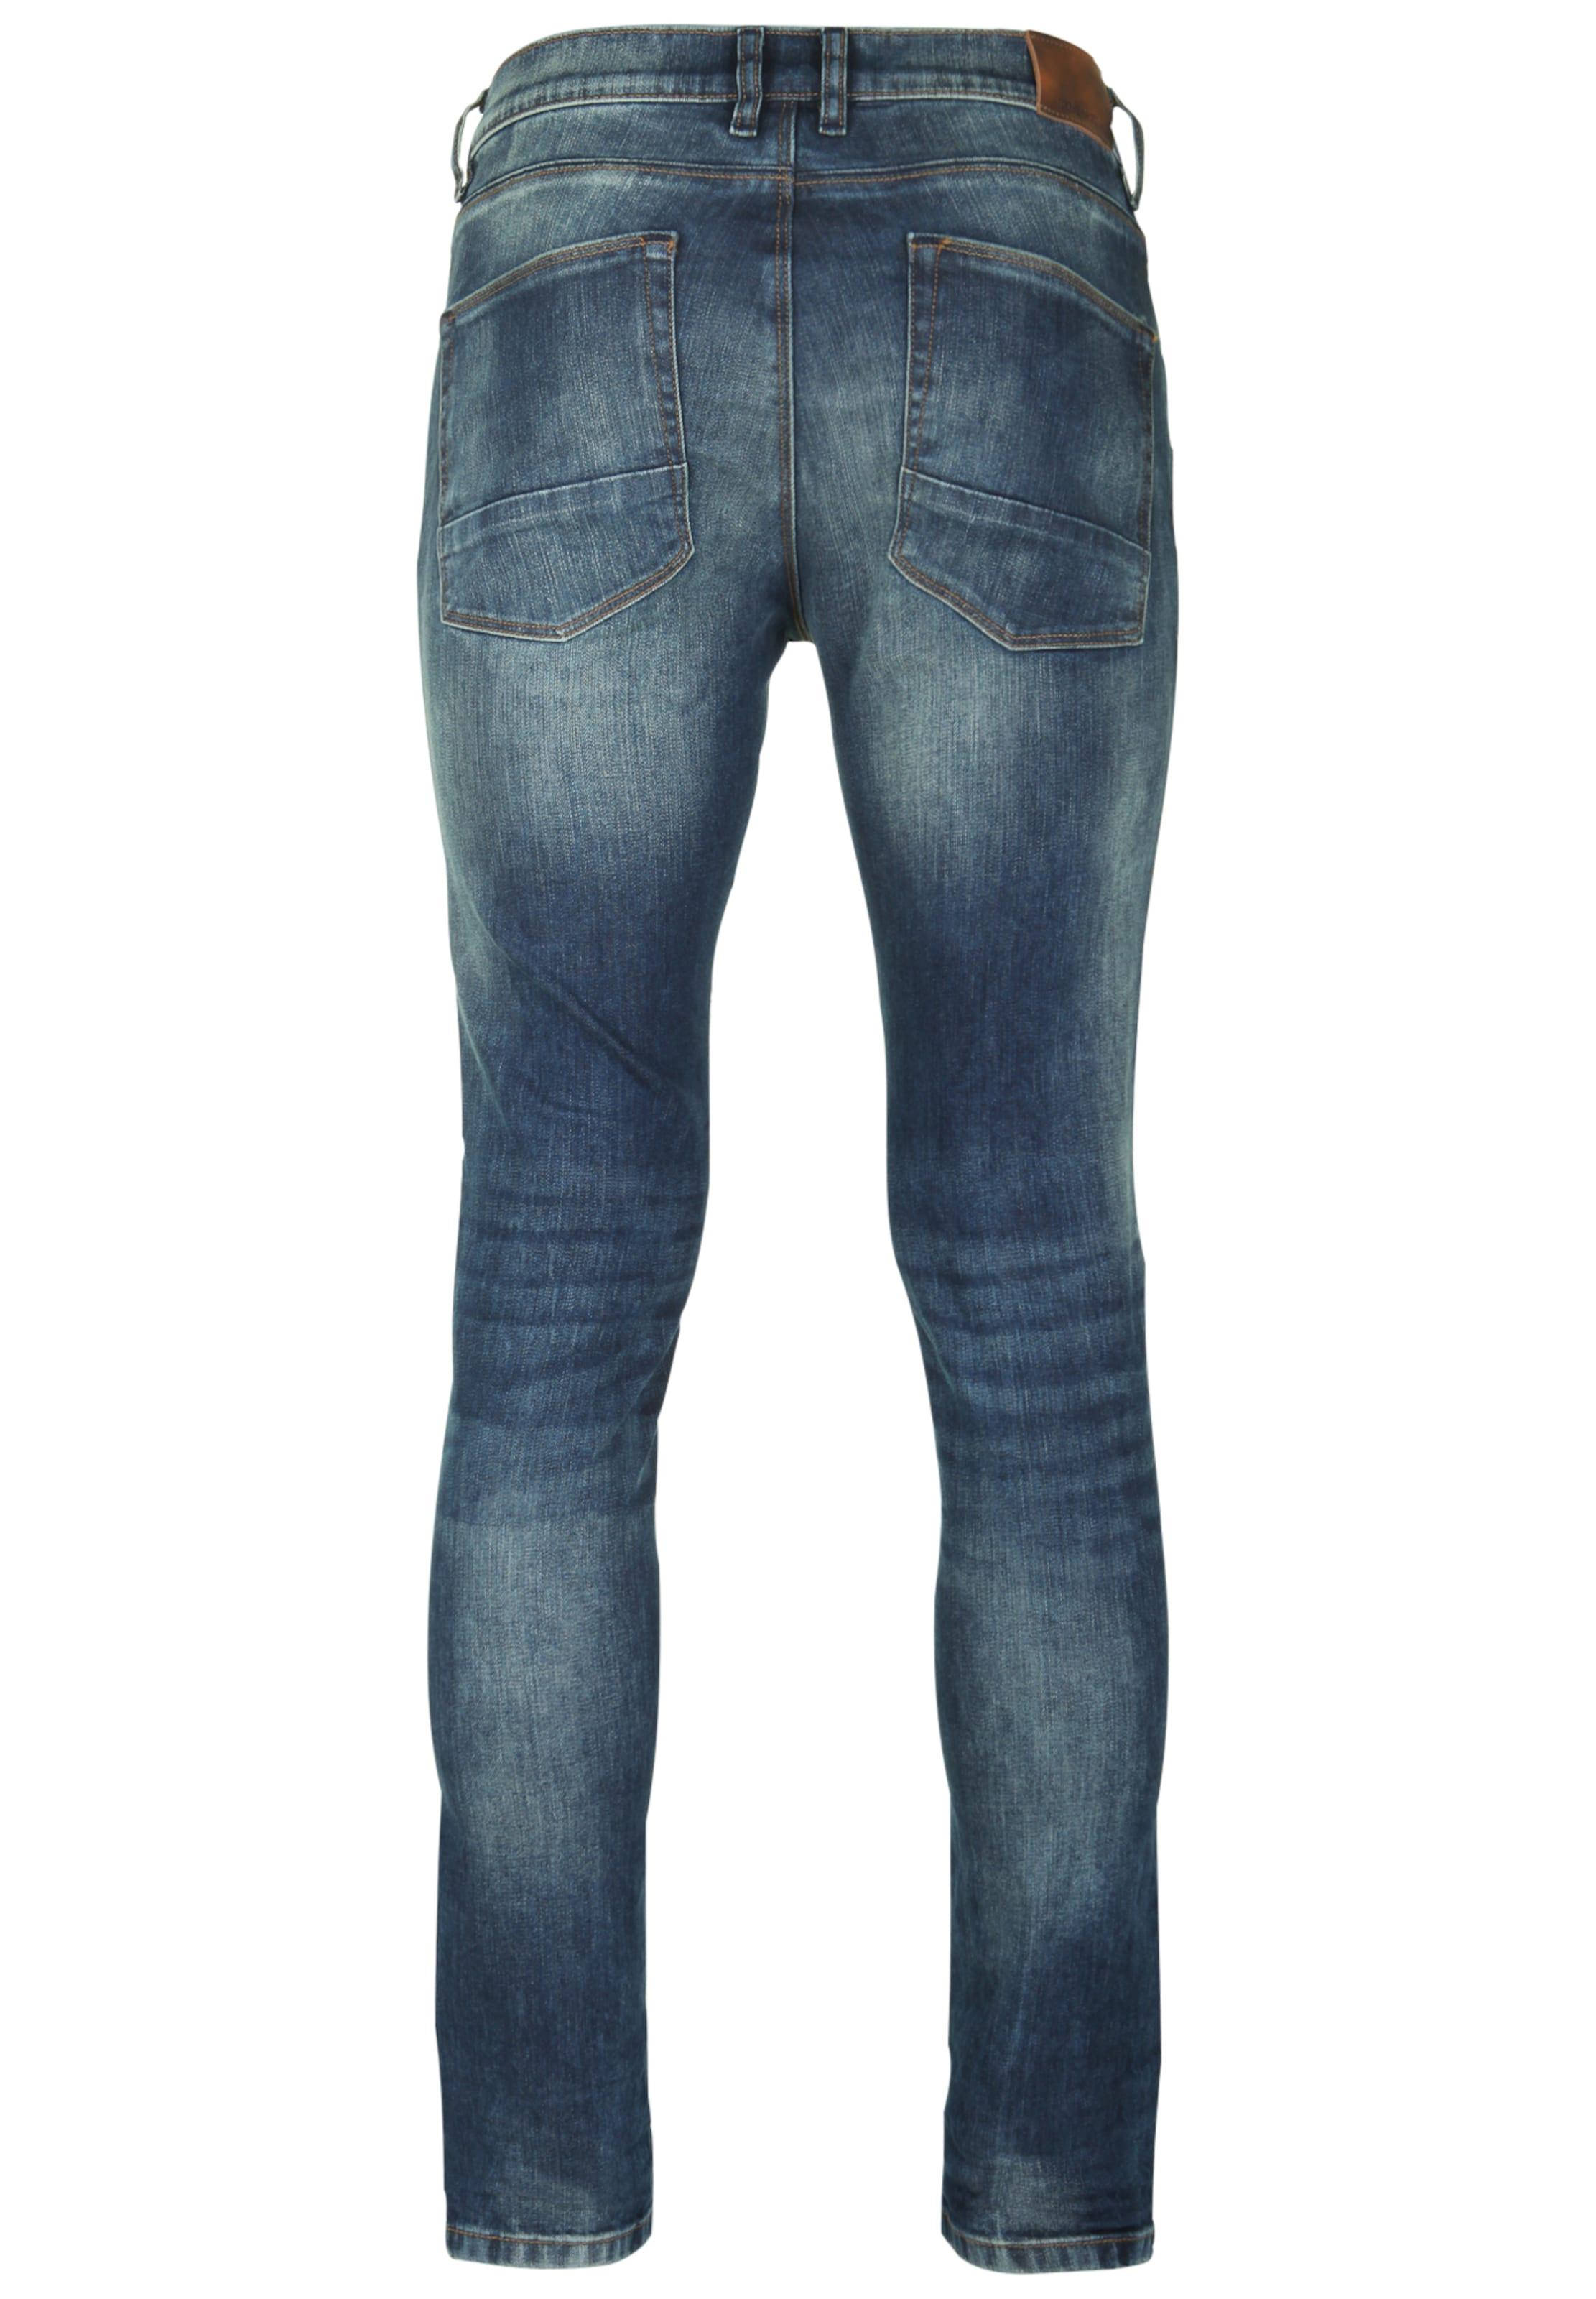 SHINE ORIGINAL Jeans 'WOODY ROUGH SLIM FIT' Günstig Kaufen Ebay  Wie Viel Verkauf 100% Original YcISBrjnS